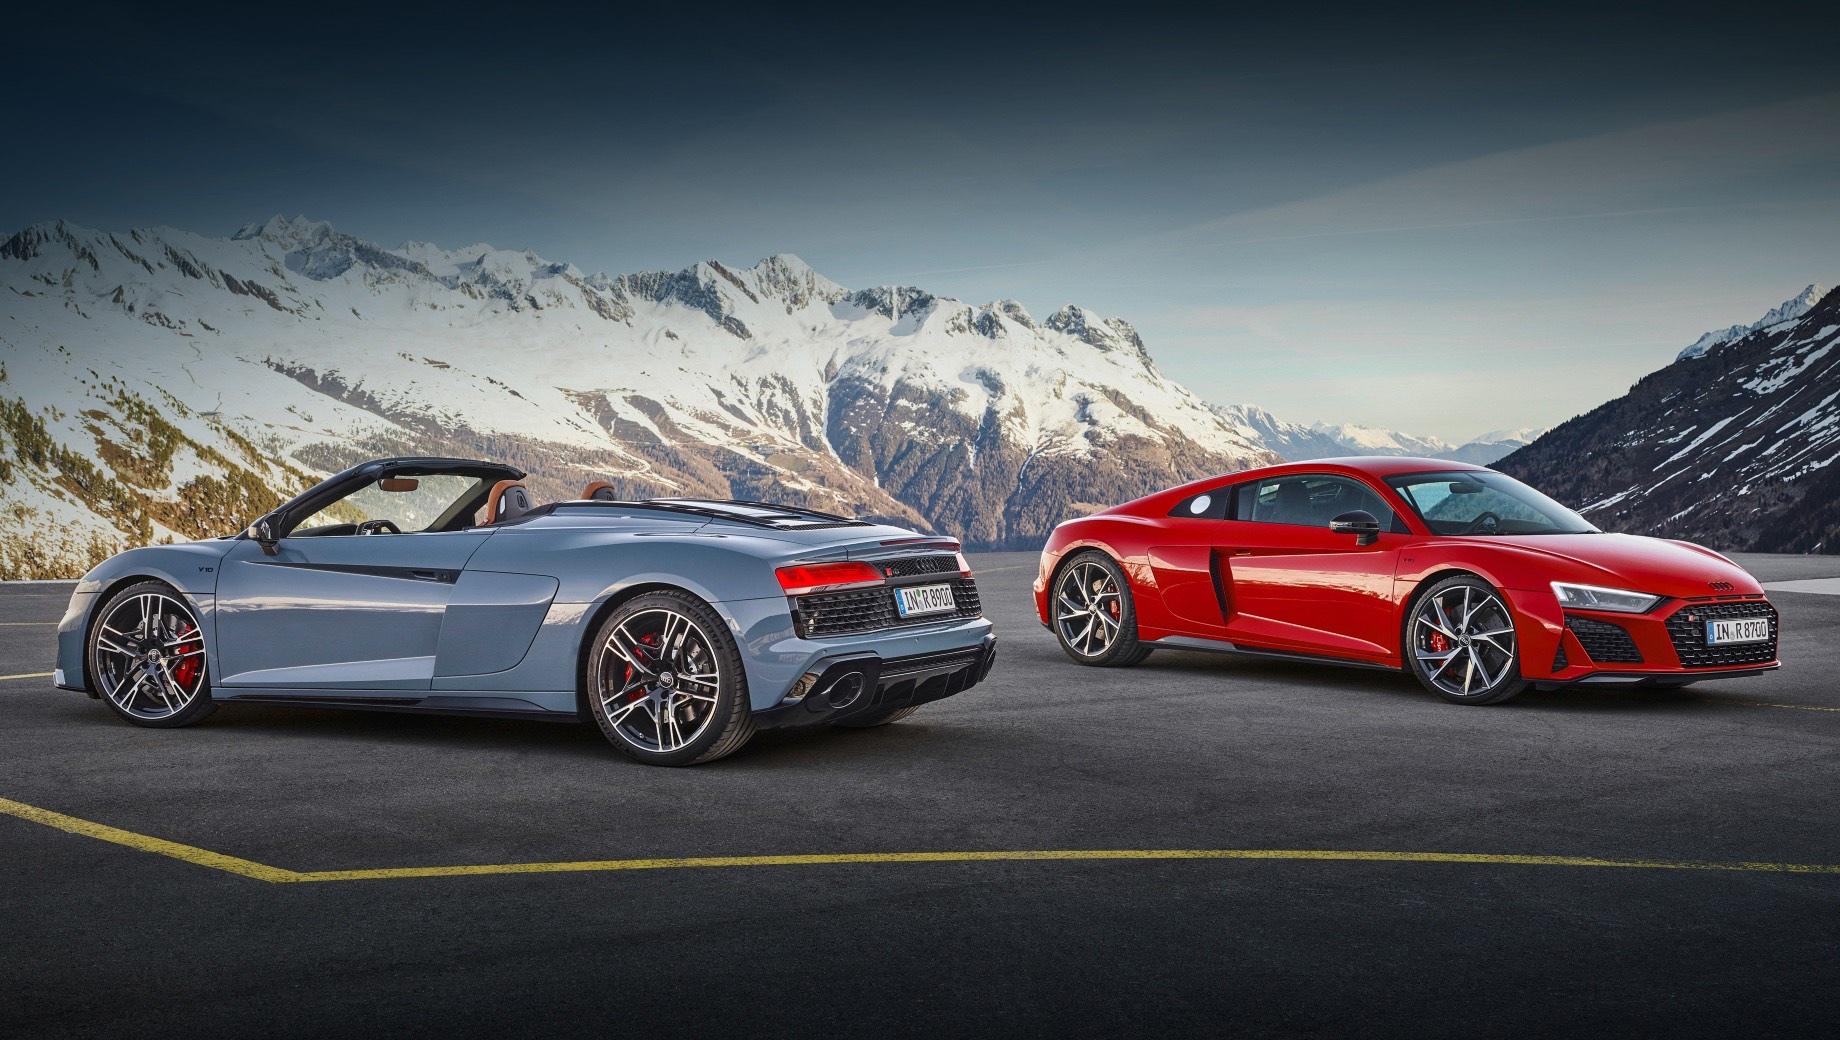 Audi r8,Audi r8 spyder. Купе превосходит родстер в разгоне до сотни (3,7 с против 3,8), максимальной скорости (329 км/ч против 327), уступает ему в снаряжённой массе (1590 кг против 1695) и цене. Дизайн пары «вдохновлён» гоночным прототипом R8 LMS GT4. Отделение Audi Sport предложит десять цветов кузова.